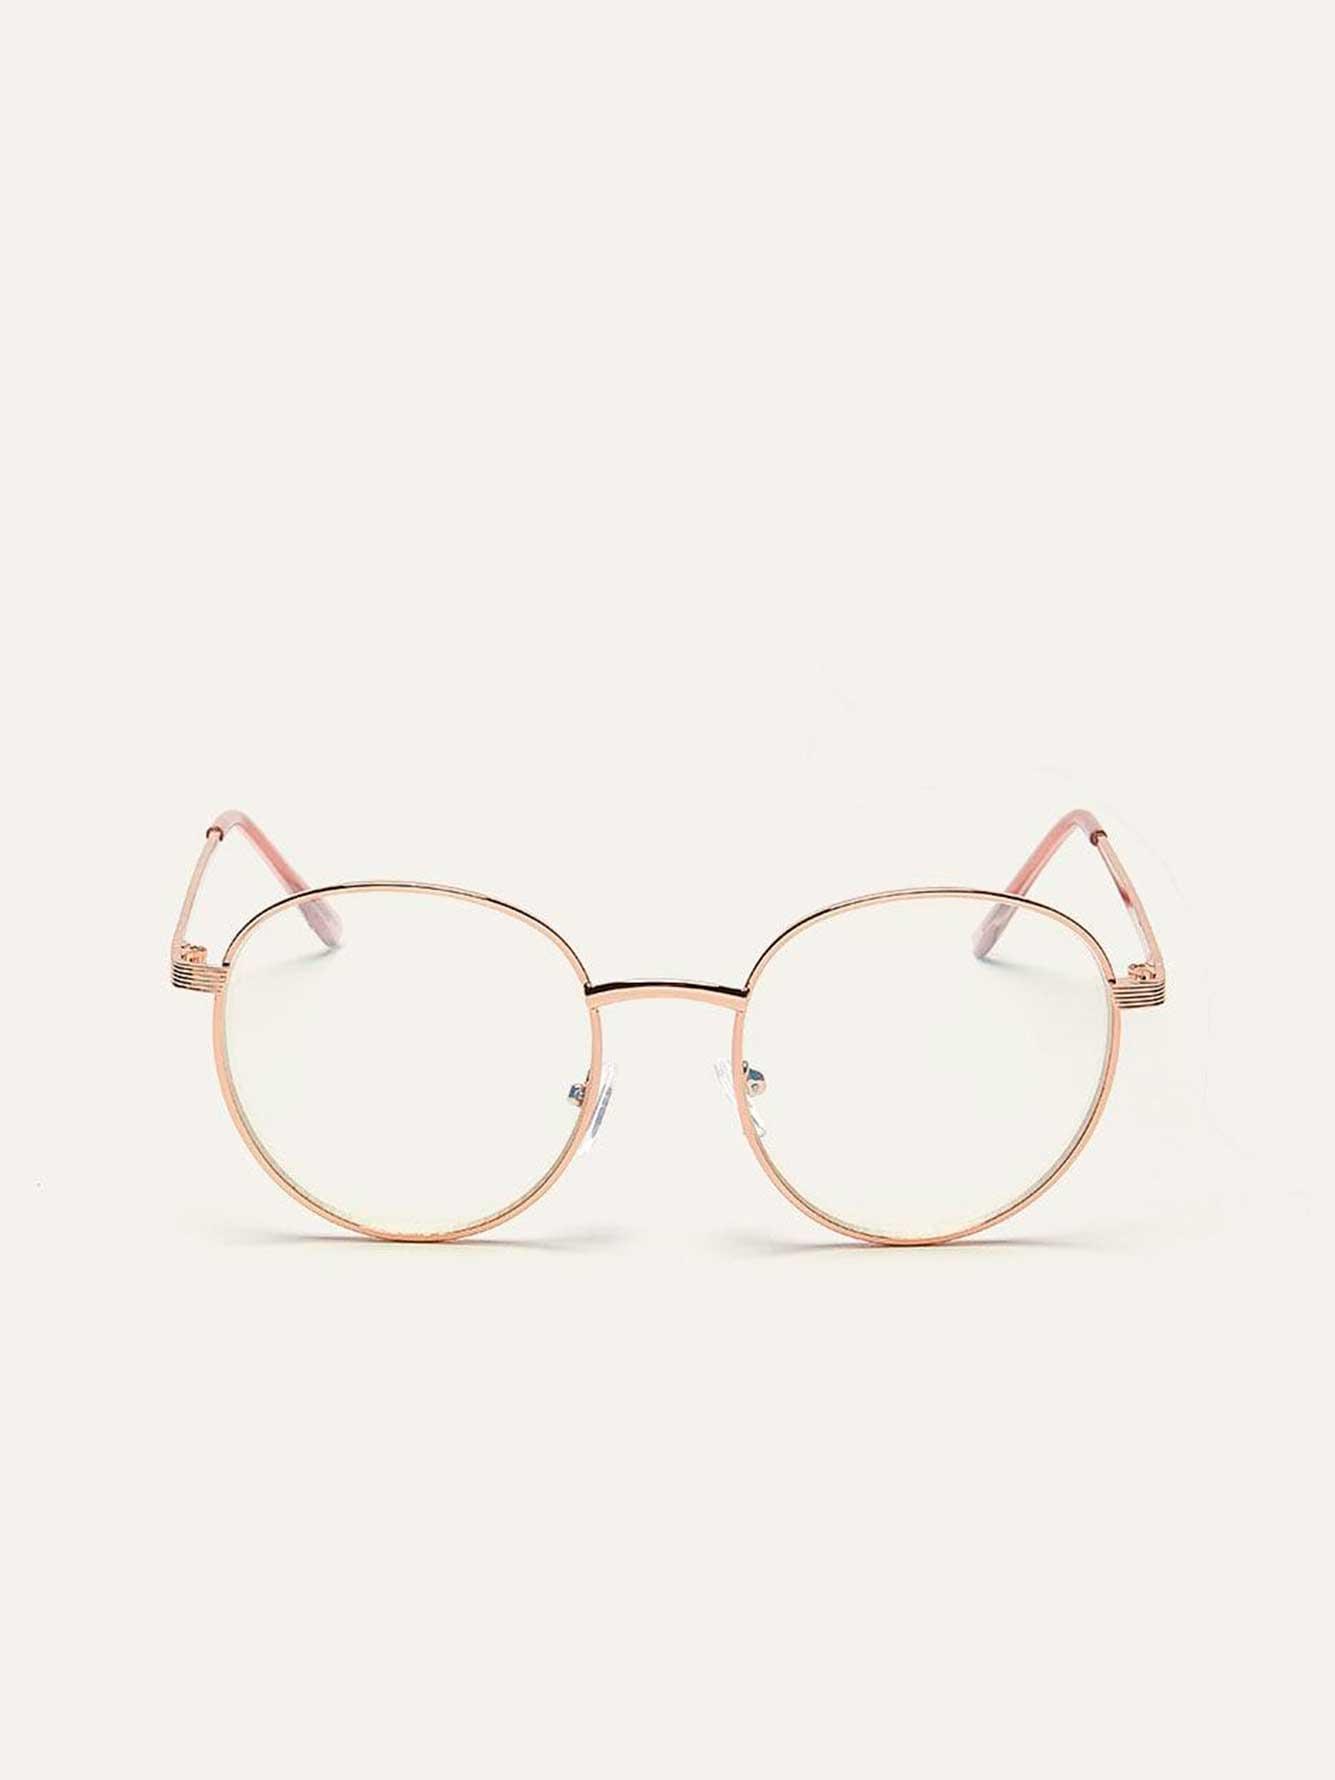 8b5e6b39521e0 Blue Lens Glasses with Metallic Frame